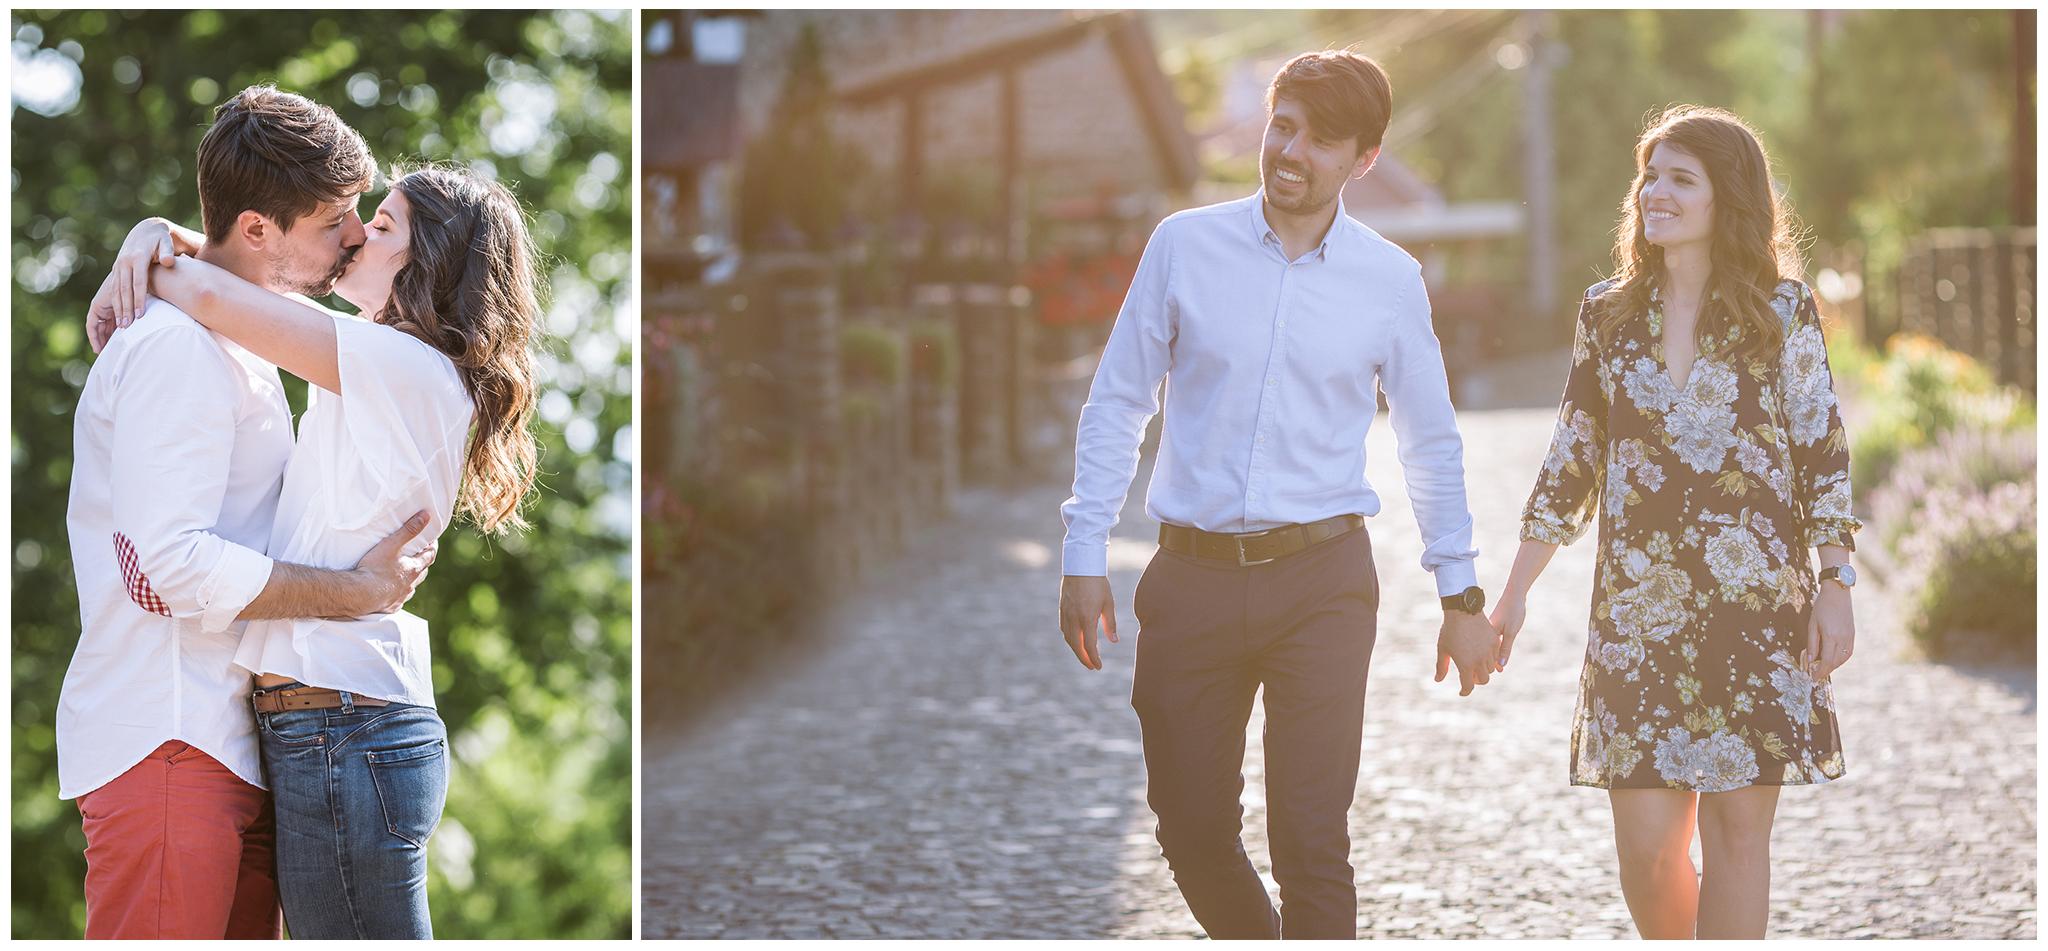 FylepPhoto, esküvőfotózás, magyarország, esküvői fotós, vasmegye, prémium, jegyesfotózás, Fülöp Péter, körmend, kreatív, tihany 07.jpg